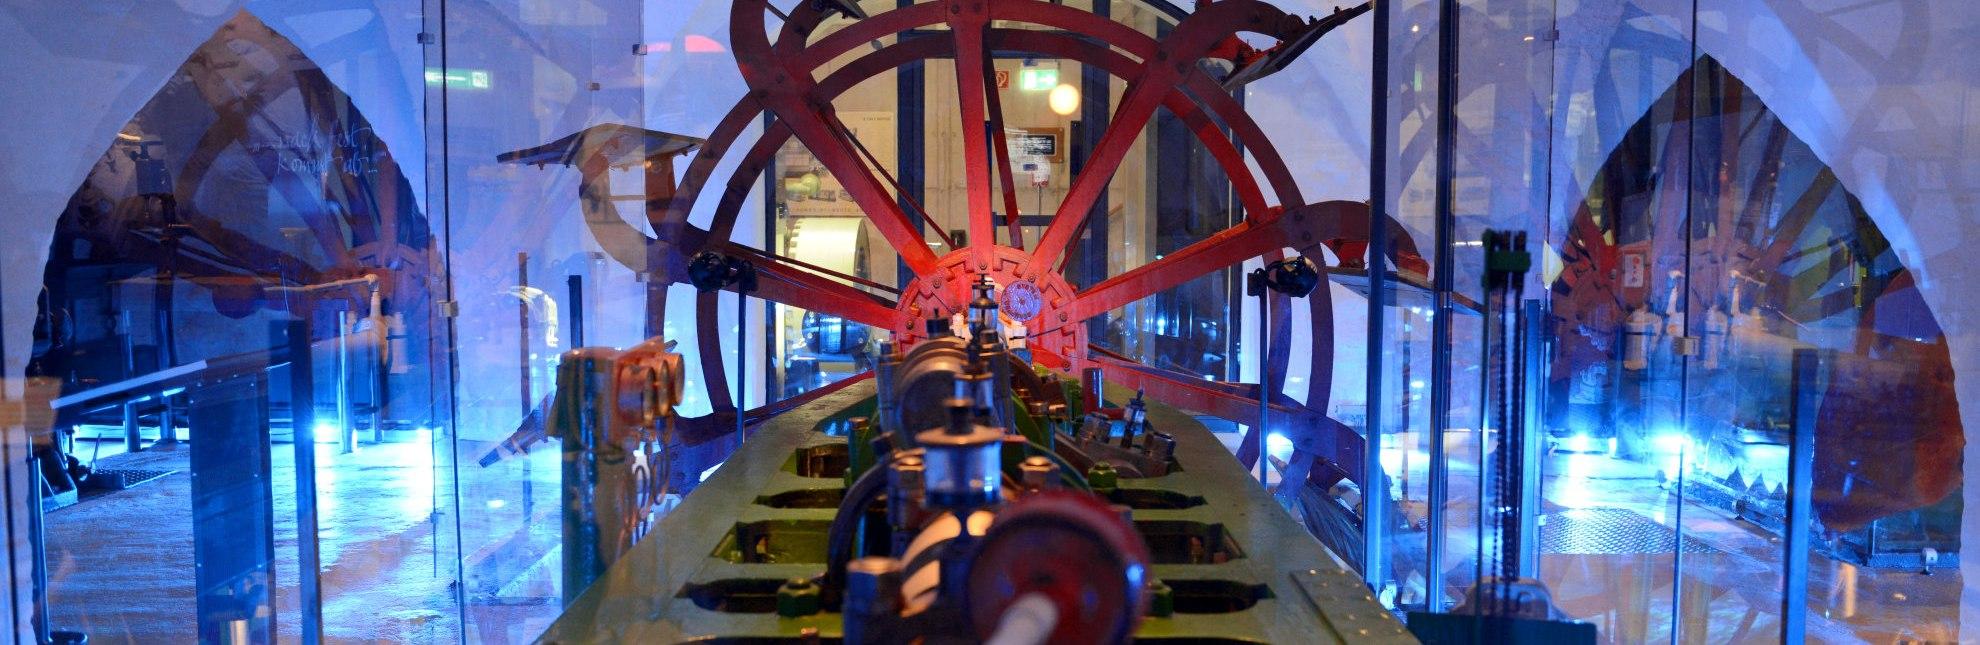 """Schiffsantriebe entdecken """"unter Deck"""" im Elbschifffahrtsmuseum Lauenburg/Elbe, © Uwe Franzen"""